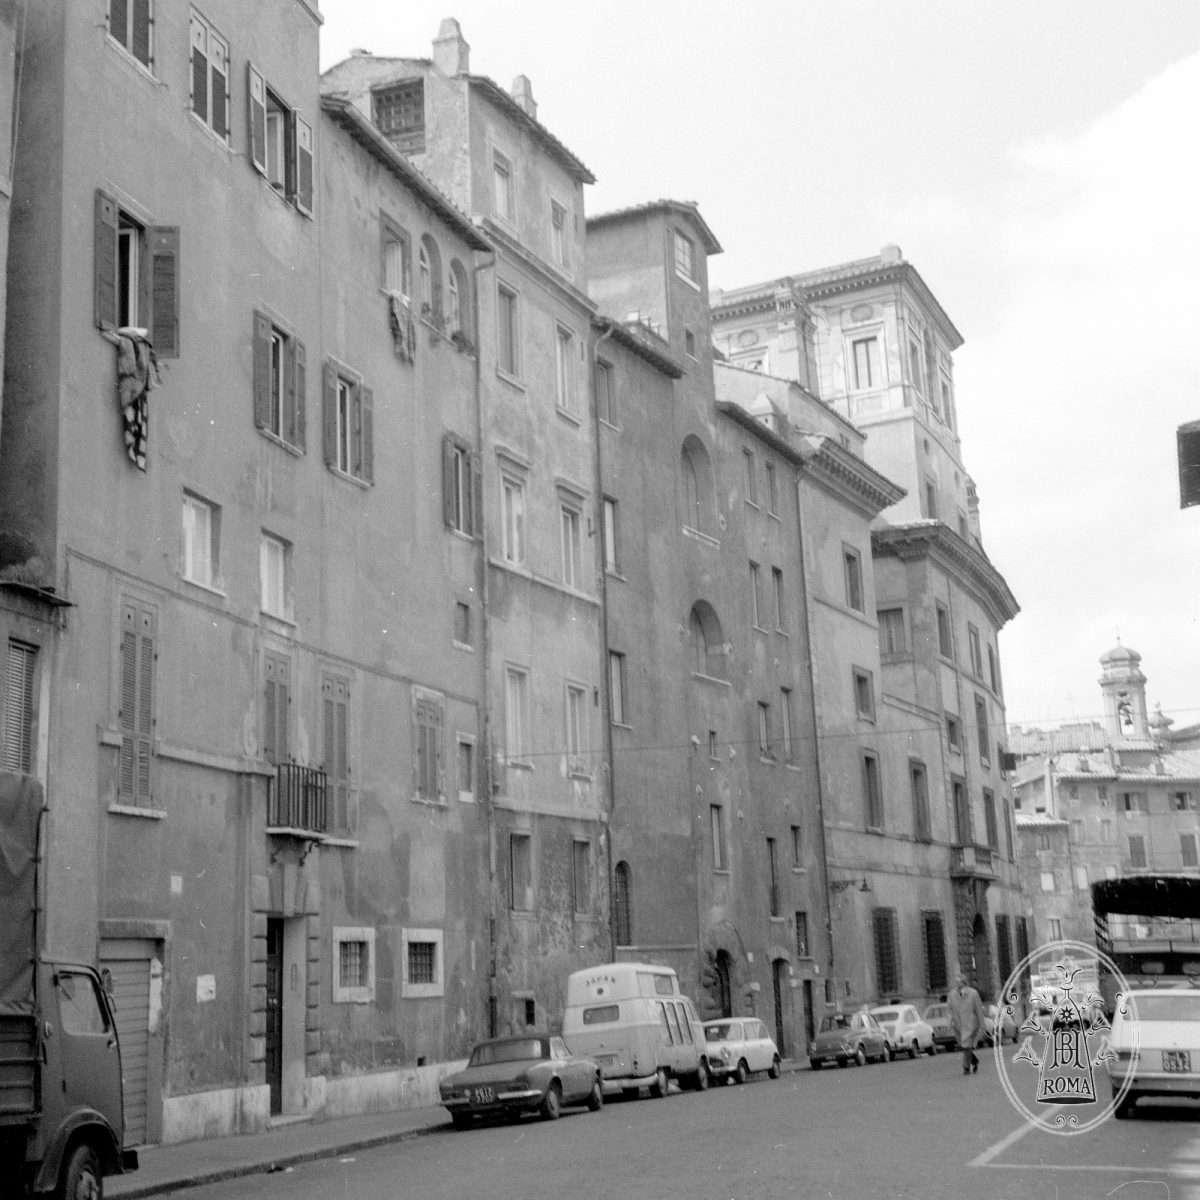 Via Vecchiarelli